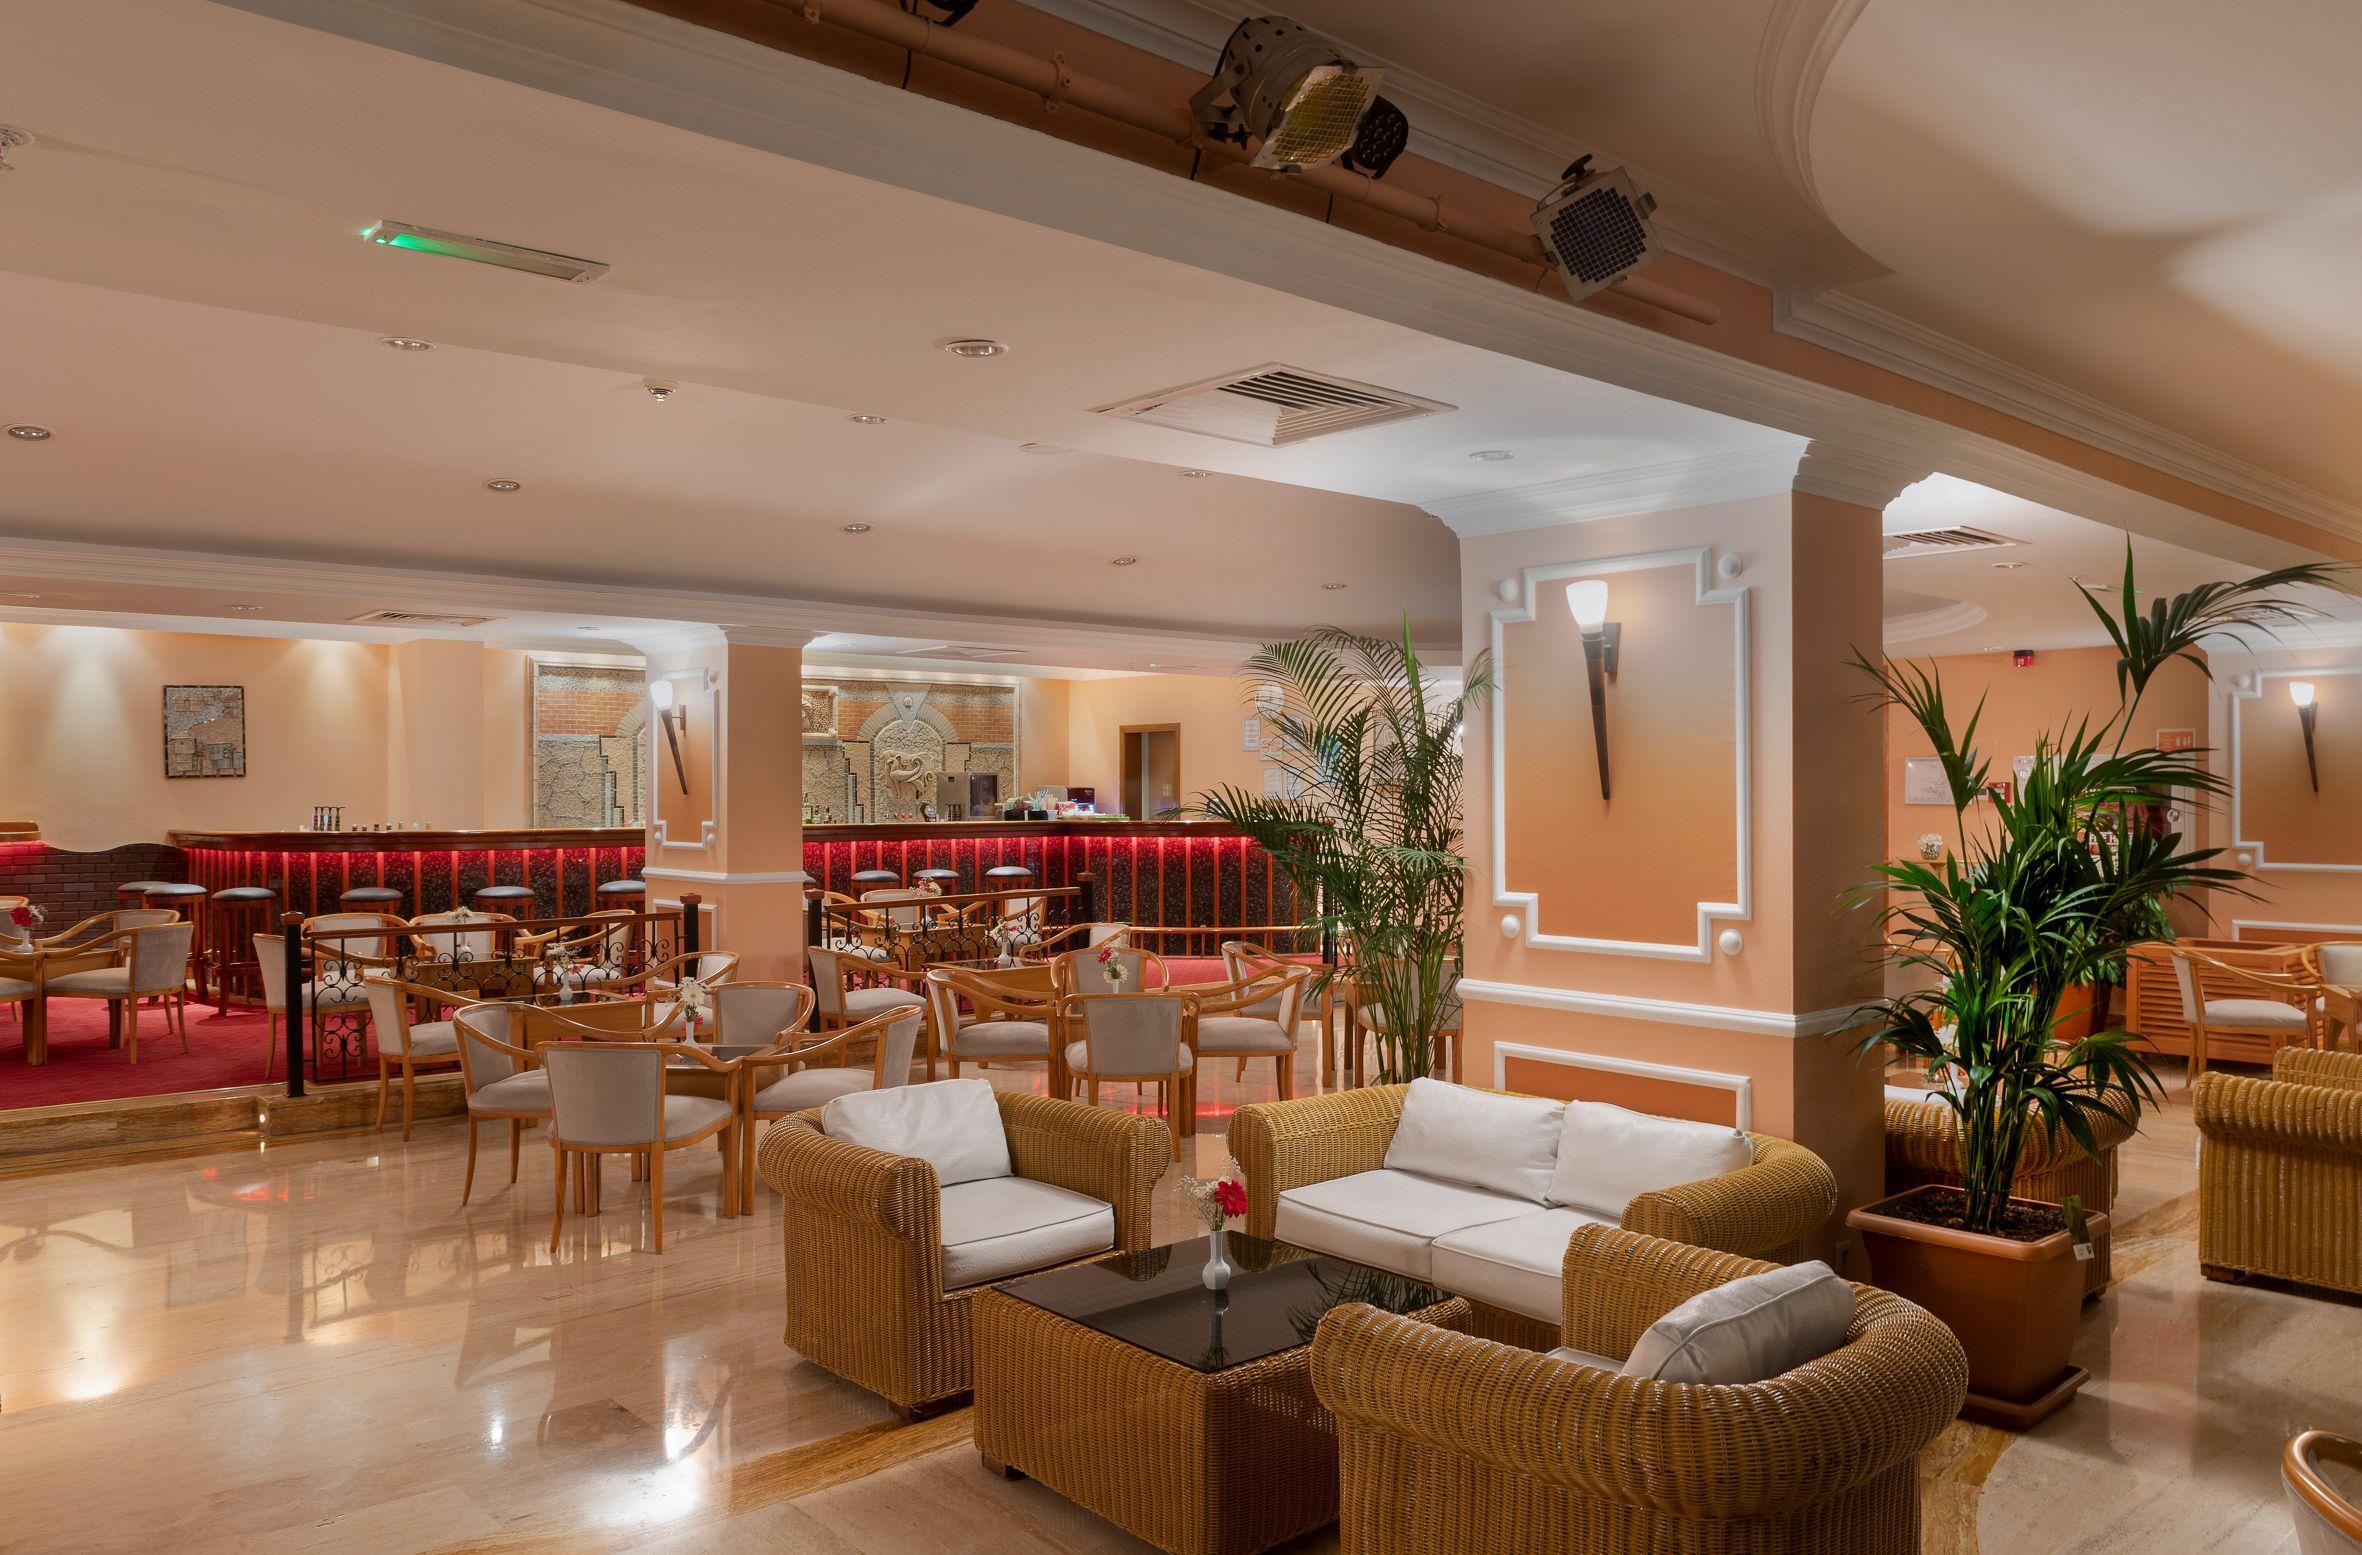 http://www.orextravel.sk/OREX/hotelphotos/miramare-queen-hotel-general-0054.jpg